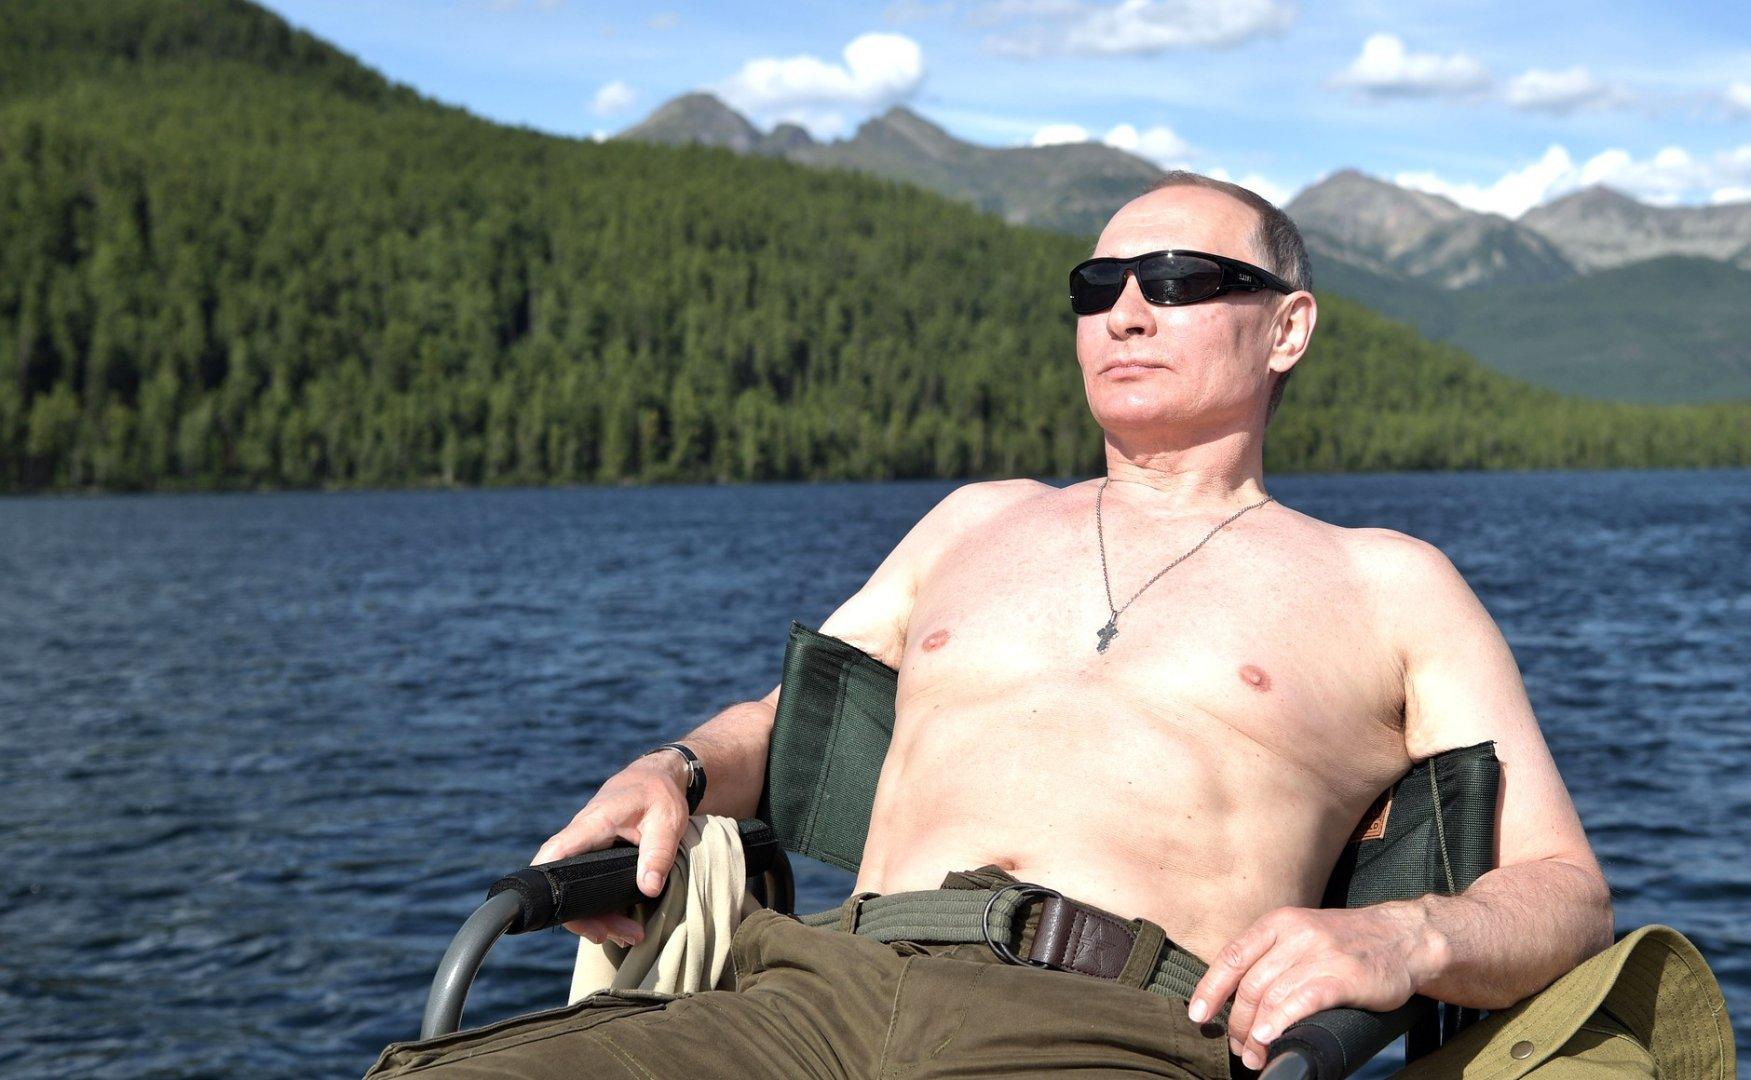 Активным и насыщенным отдыхом в туве путин демонстрирует, что россия сильная, богатая и самодостаточная страна (судя по богатому улову).